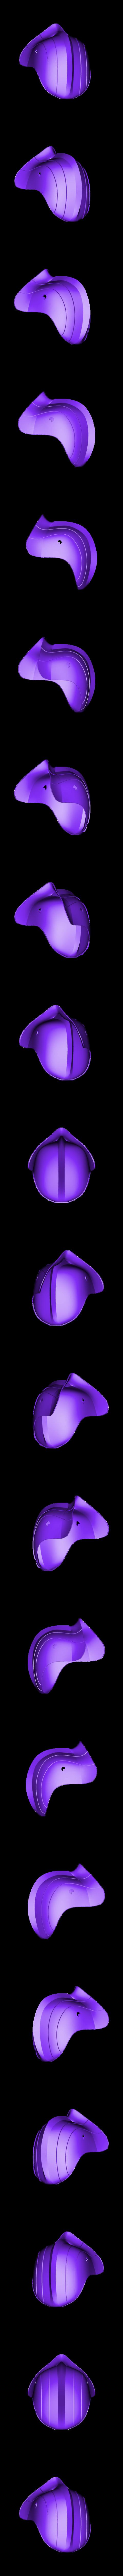 Helm_v1.stl Télécharger fichier STL gratuit Pour Honor Lawbringer Helm - Chevalier • Objet à imprimer en 3D, VillainousPropShop